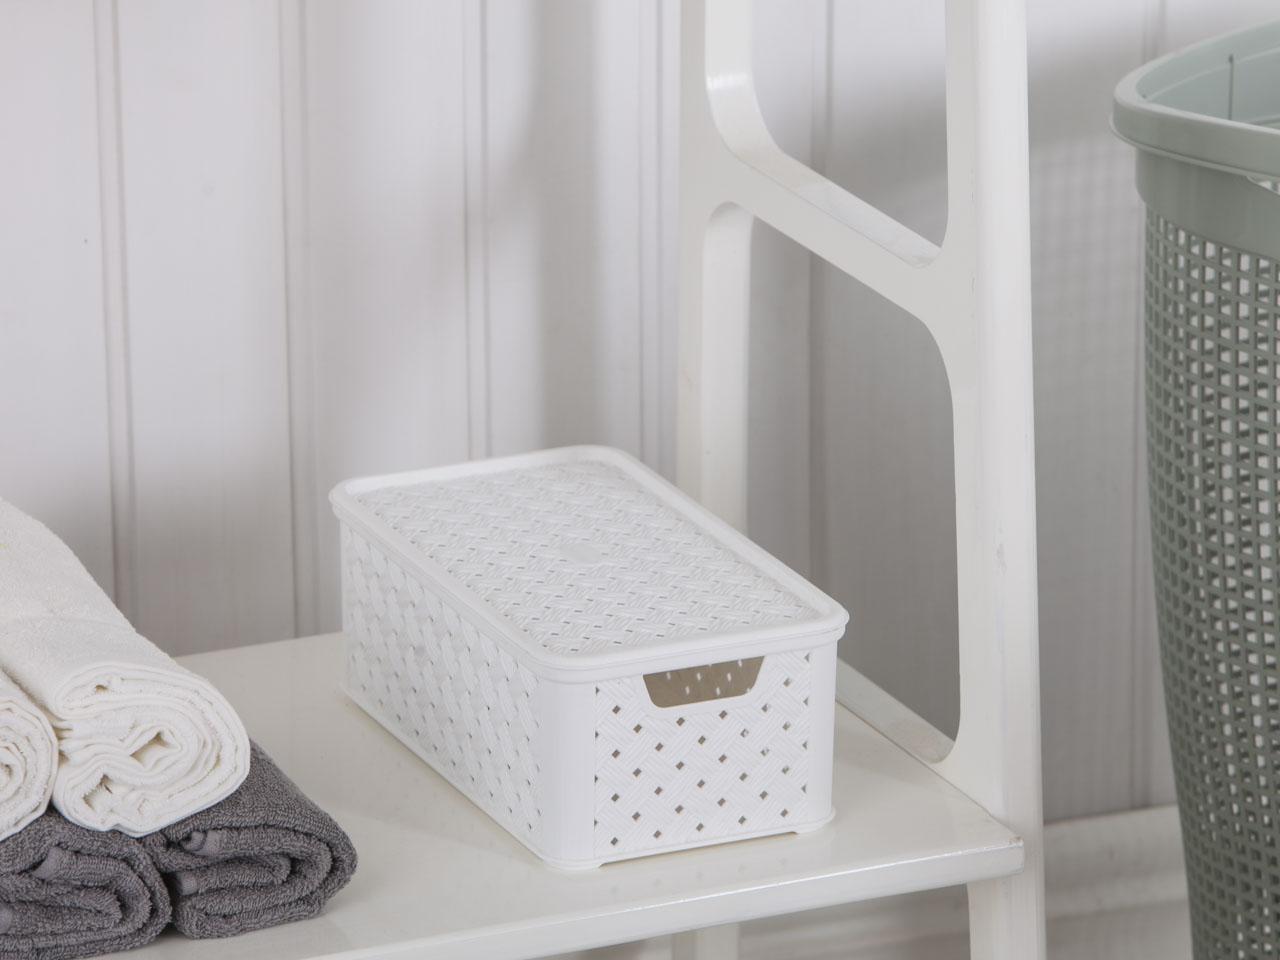 Koszyk średni z pokrywą Arianna biały